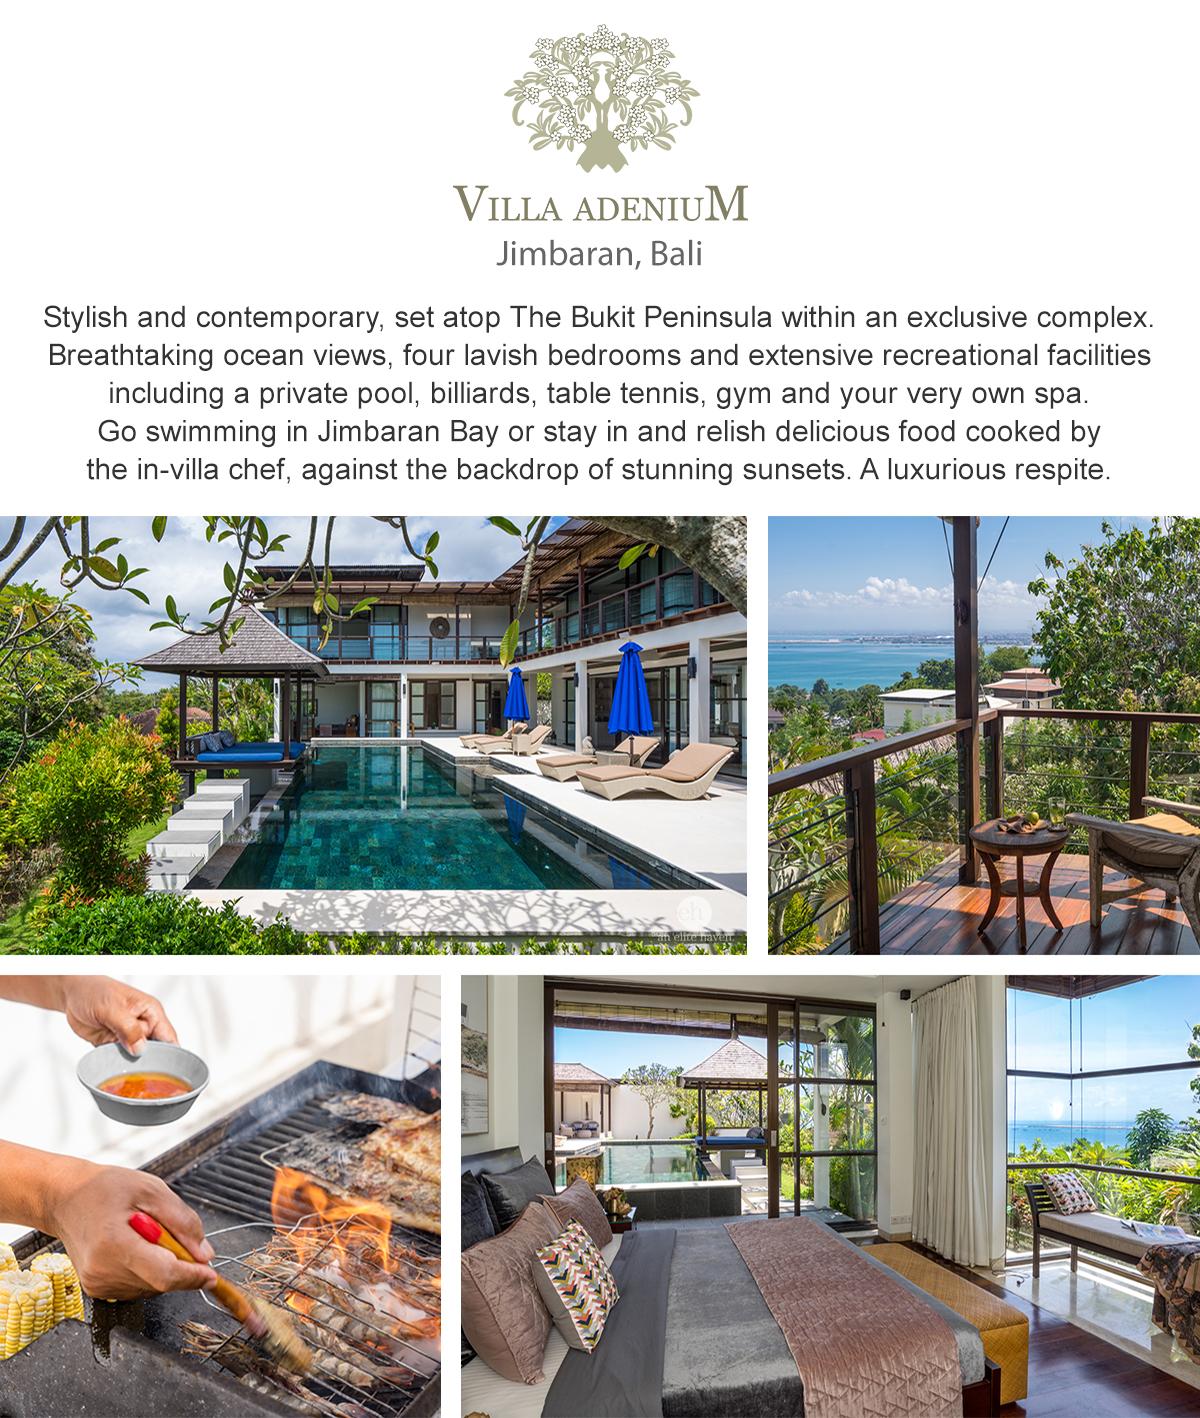 Villa Adenium - Jimbaran, Bali